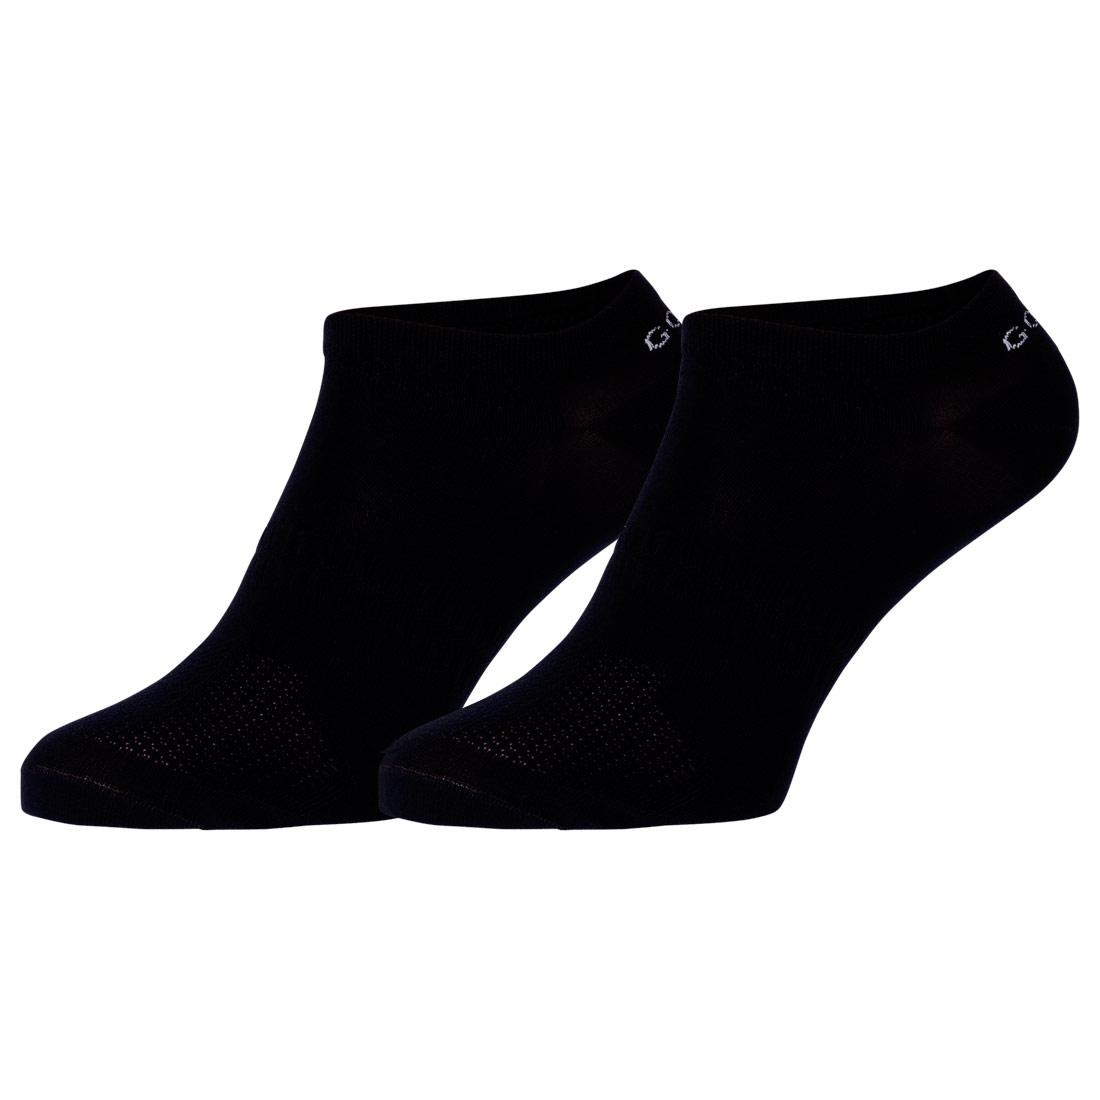 Herren Socken aus Thermokomfort